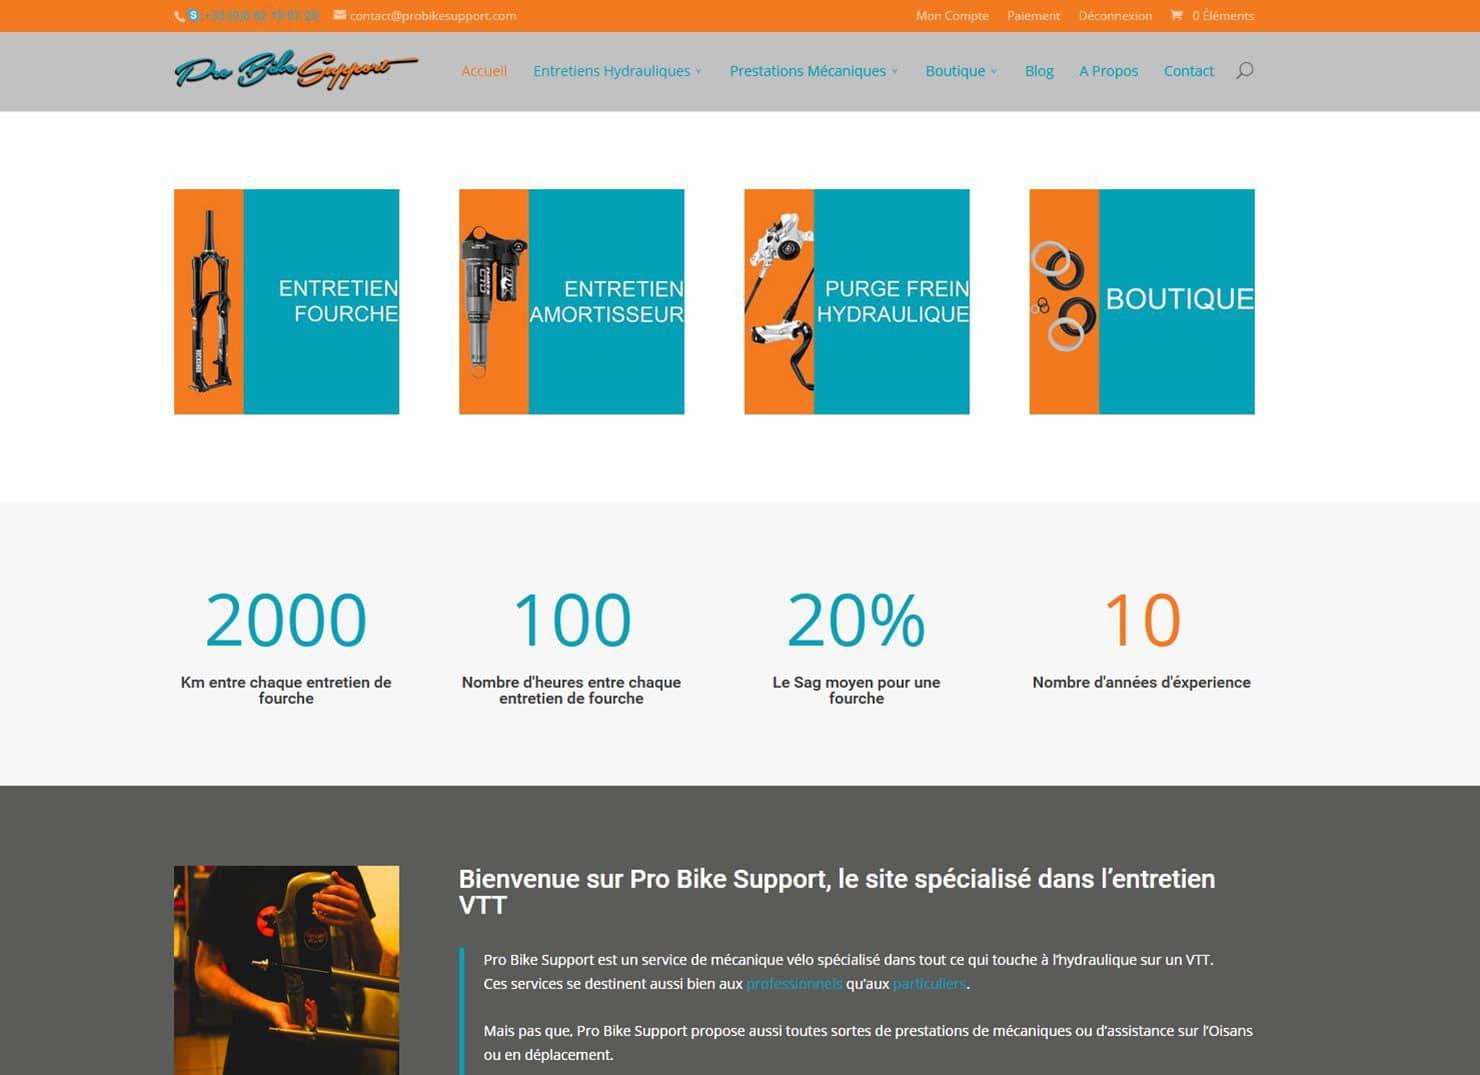 Site de vente et de présentation Pro Bike Support